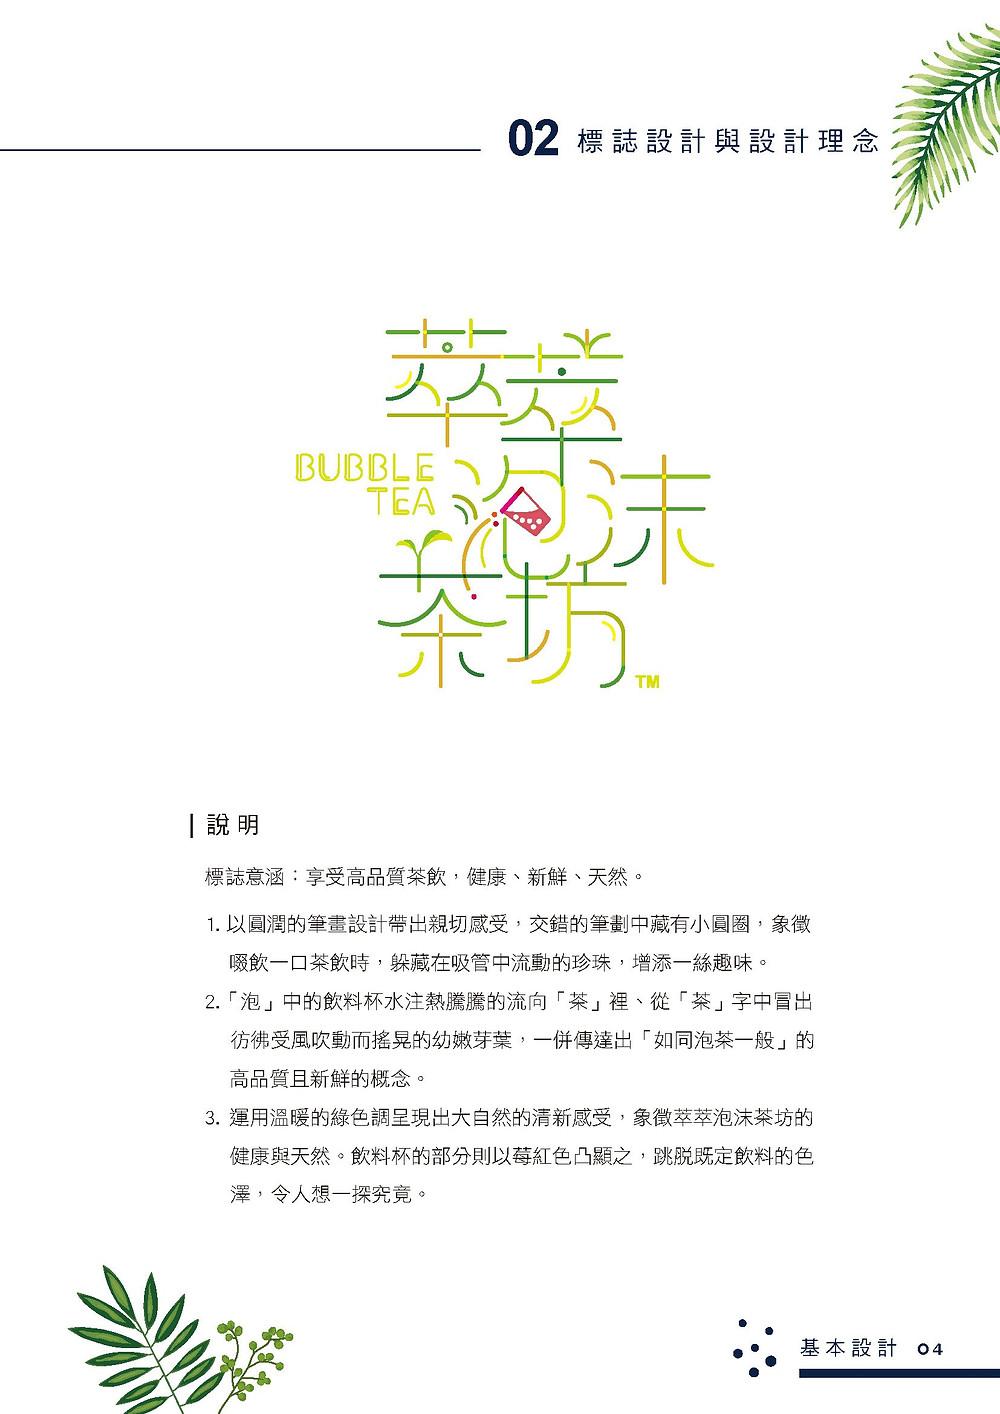 萃萃泡沫茶坊 品牌識別系統手冊 設計理念